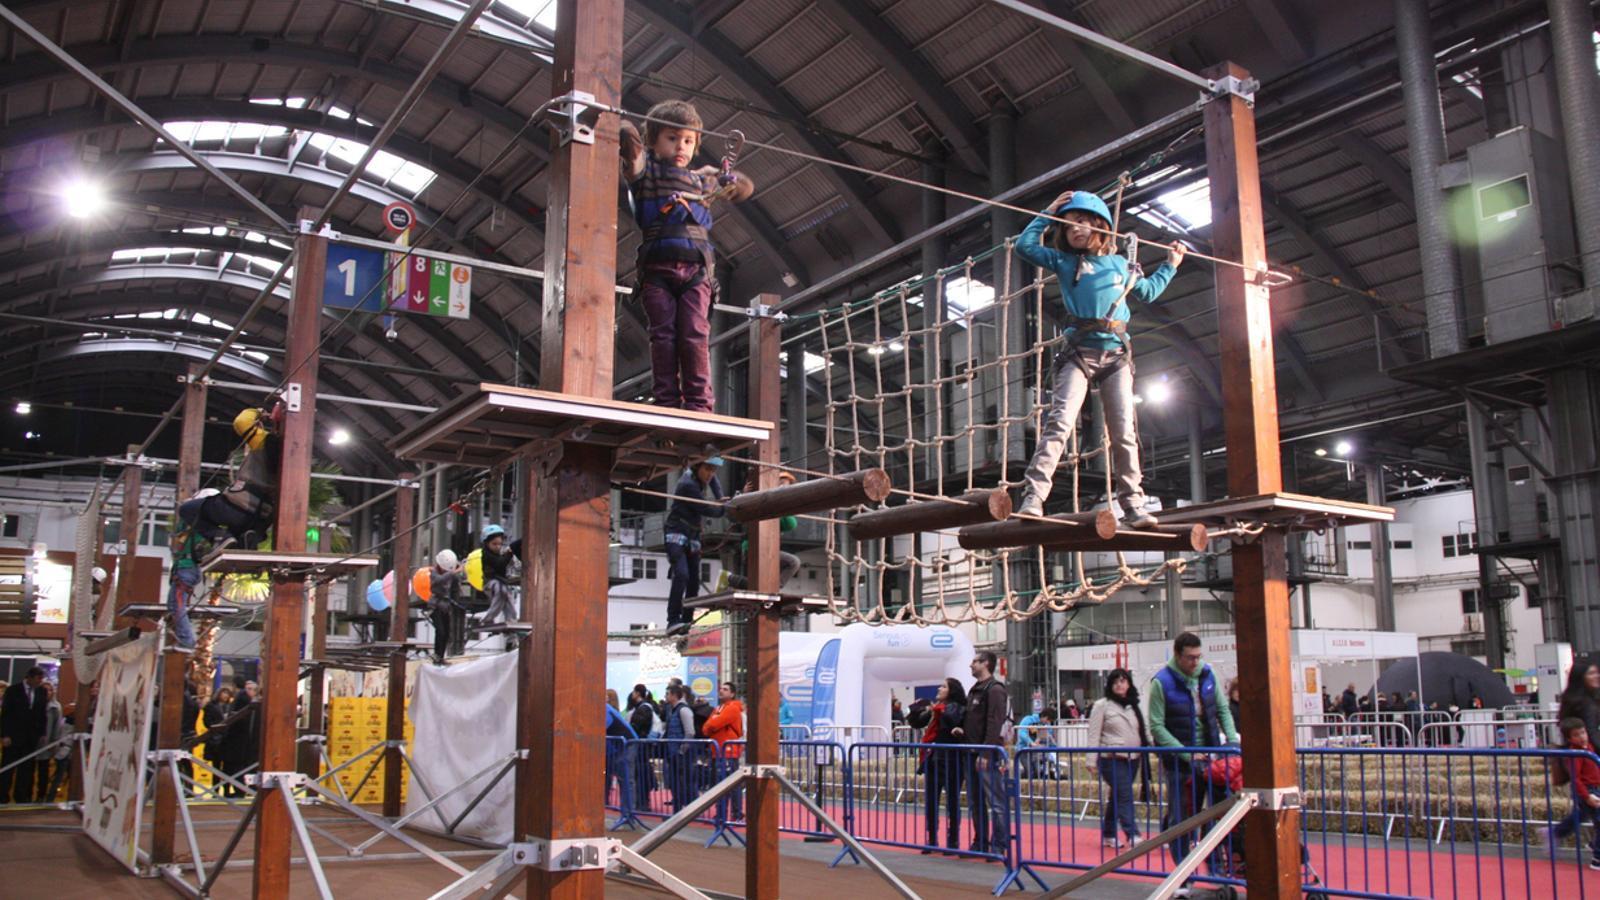 Una de les activitats d'aventura del Festival de la Infància, a Fira de Barcelona